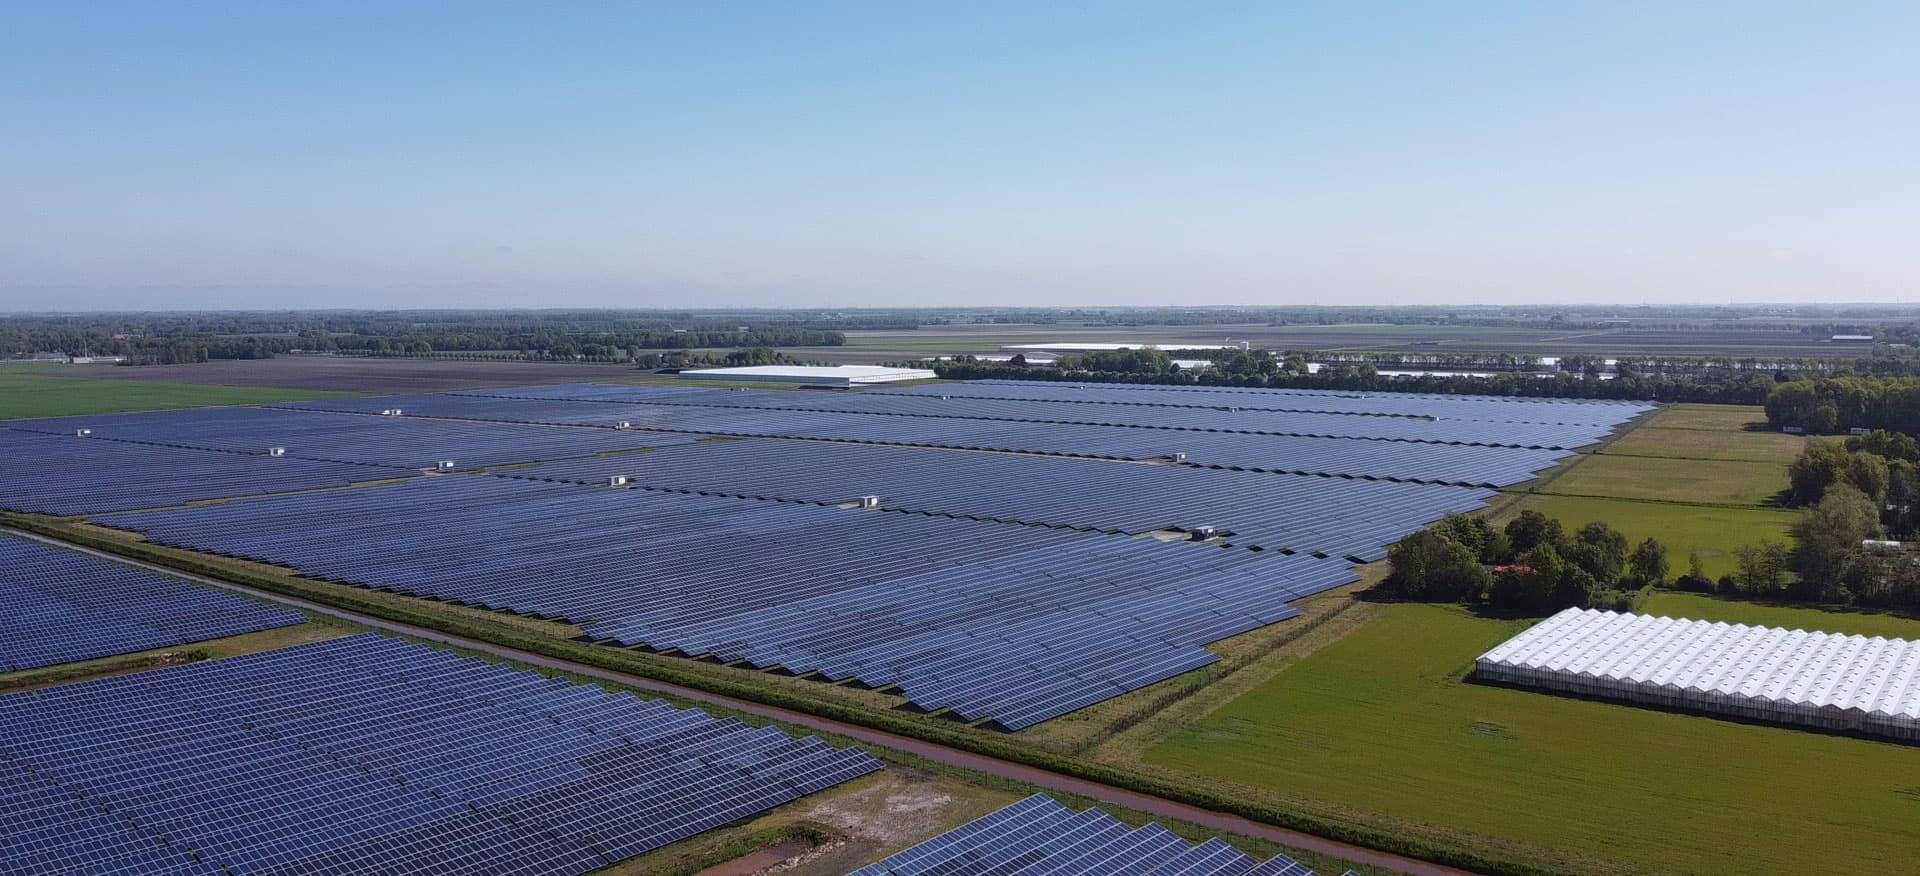 Luftaufnahme Solarpark Midden-Groningen in den Niederlande